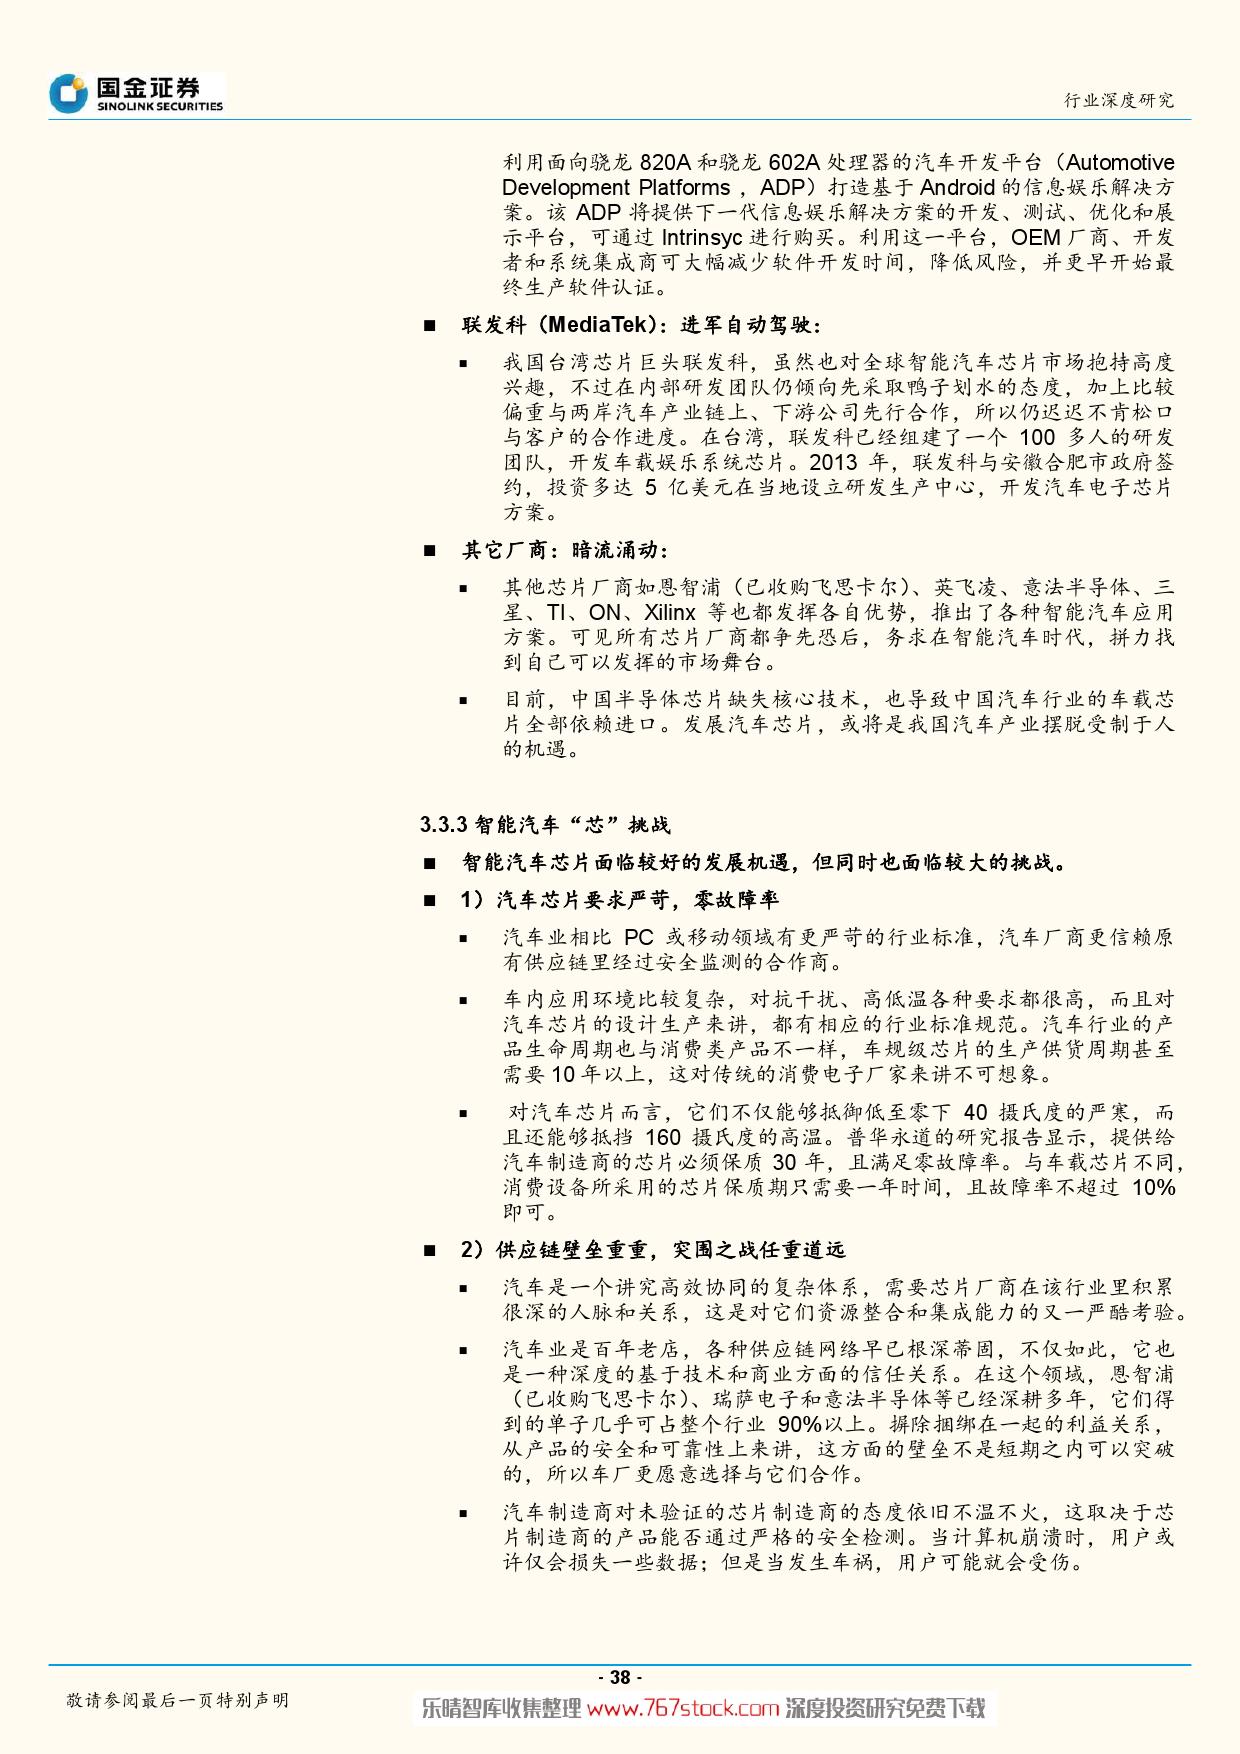 特斯拉产业系列深度报告-智能驾驶爆发在即_000038